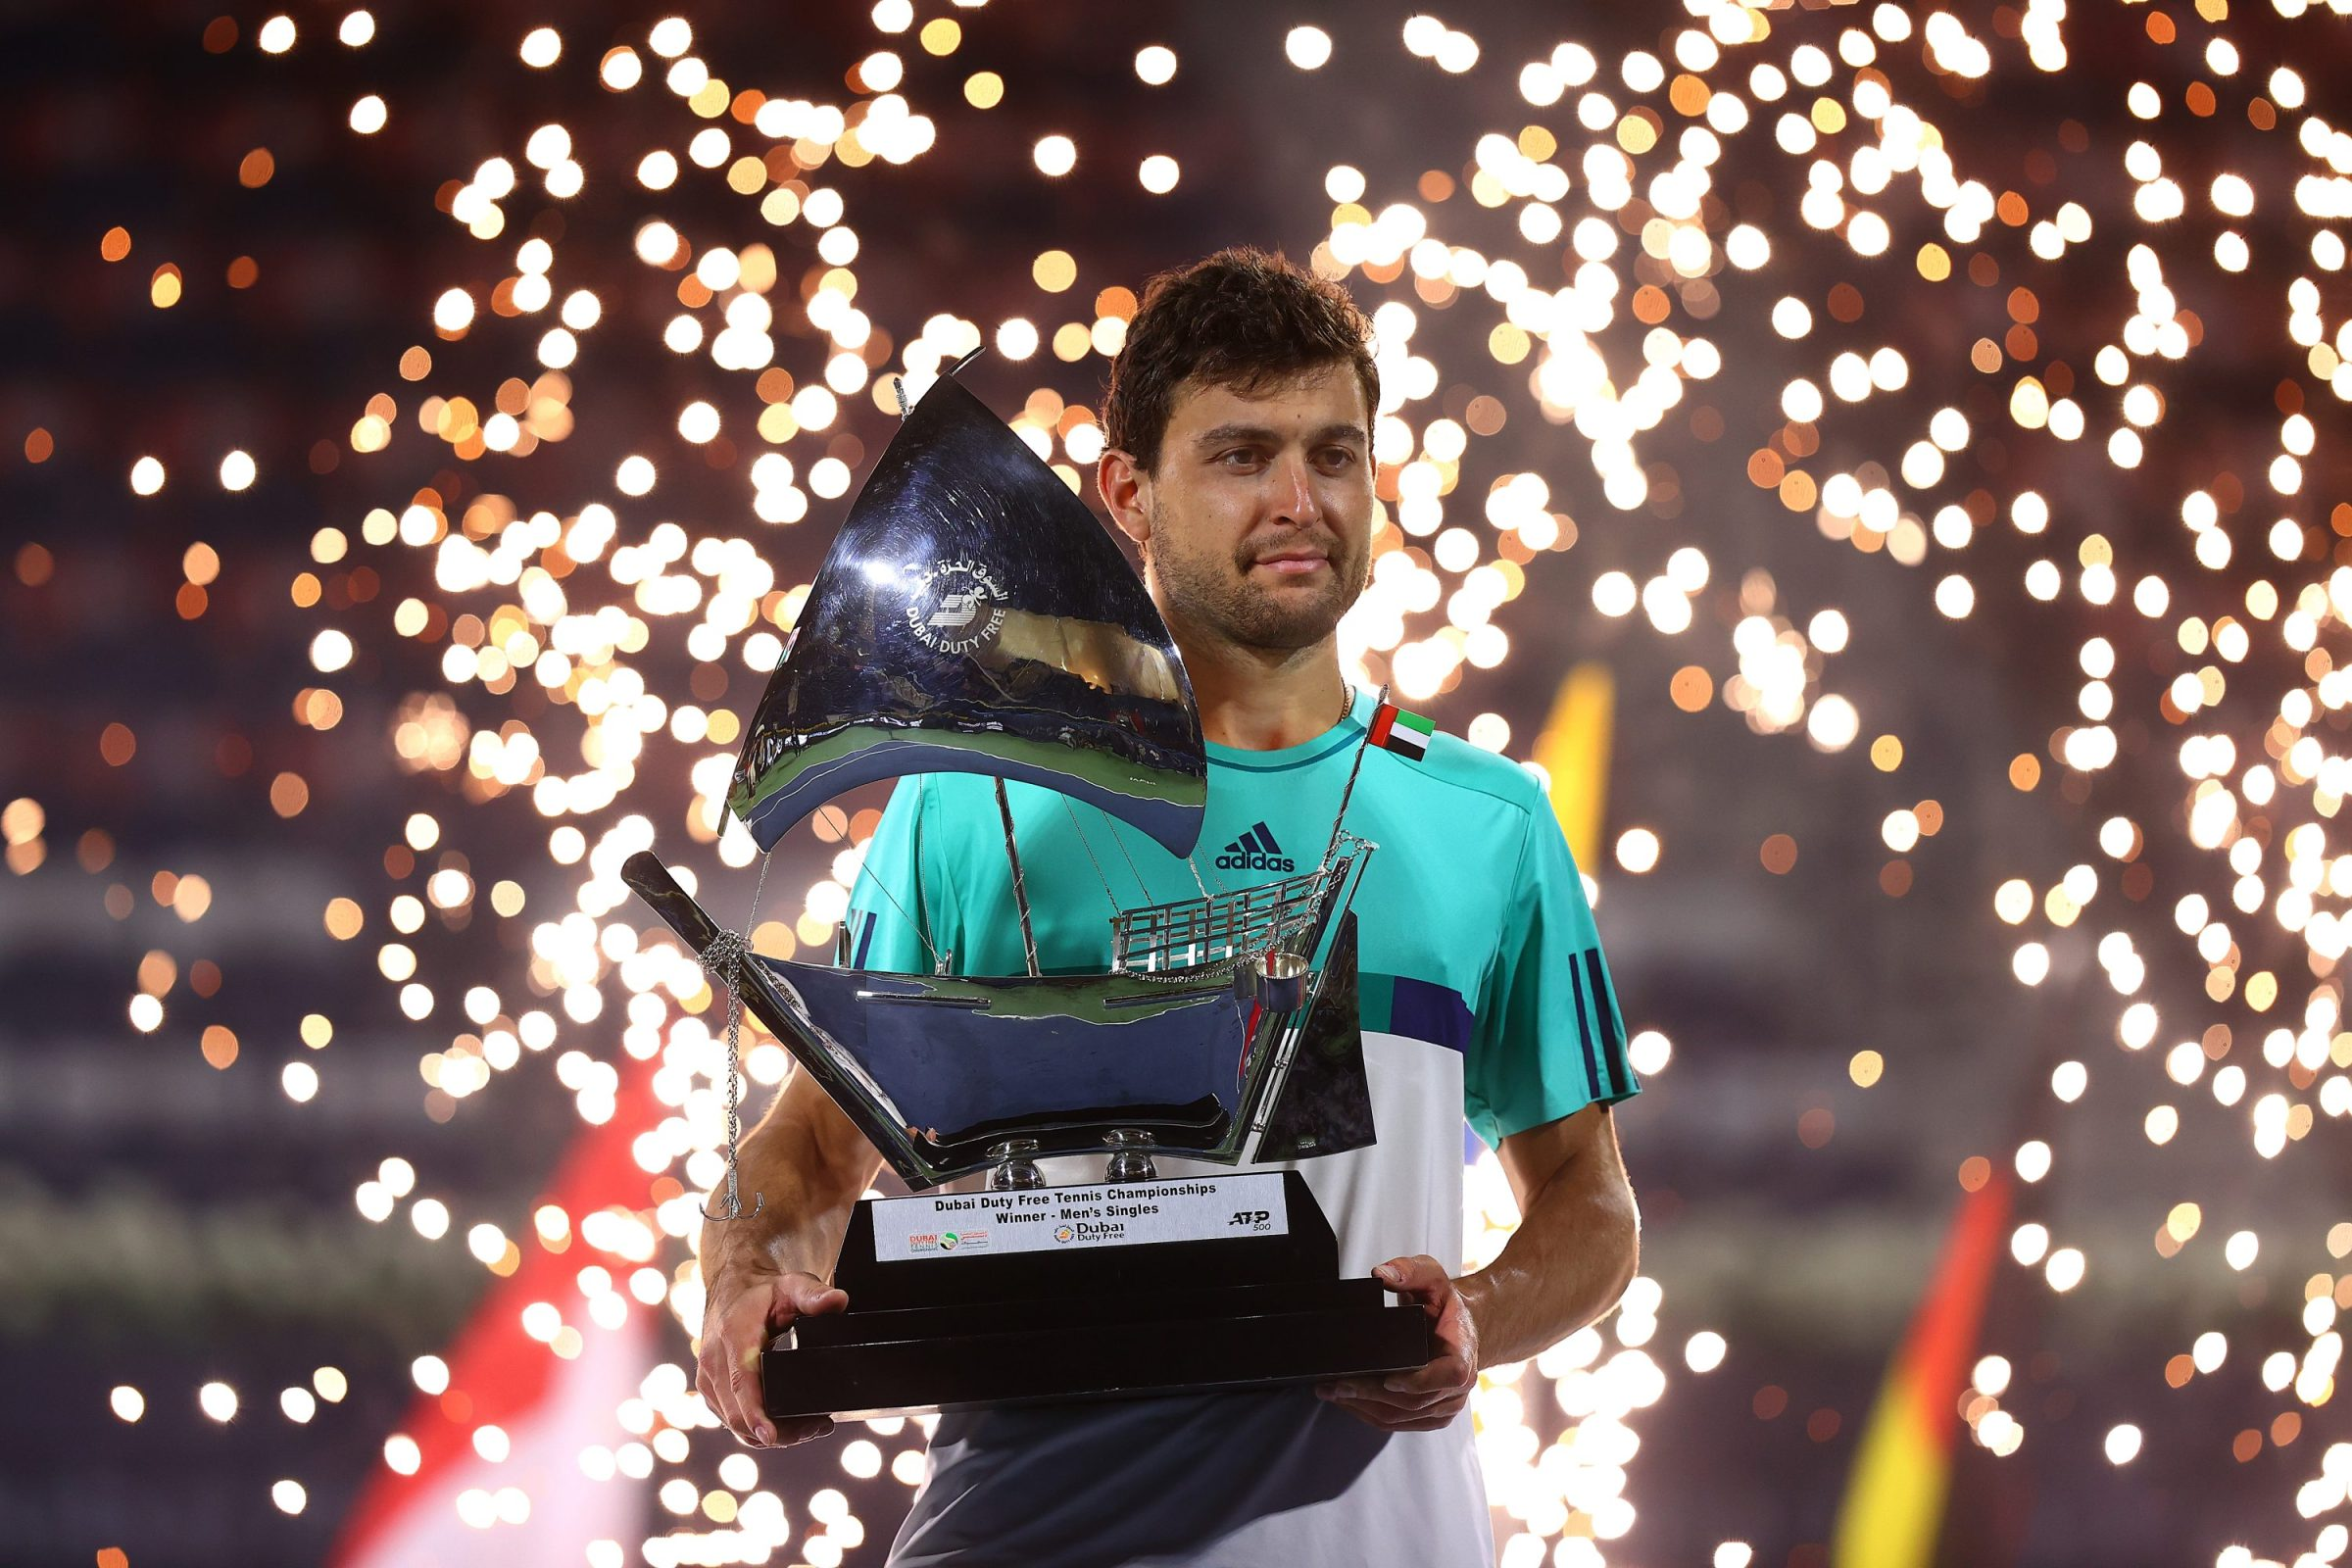 Aslan Karatsev holds the trophy at Dubai.